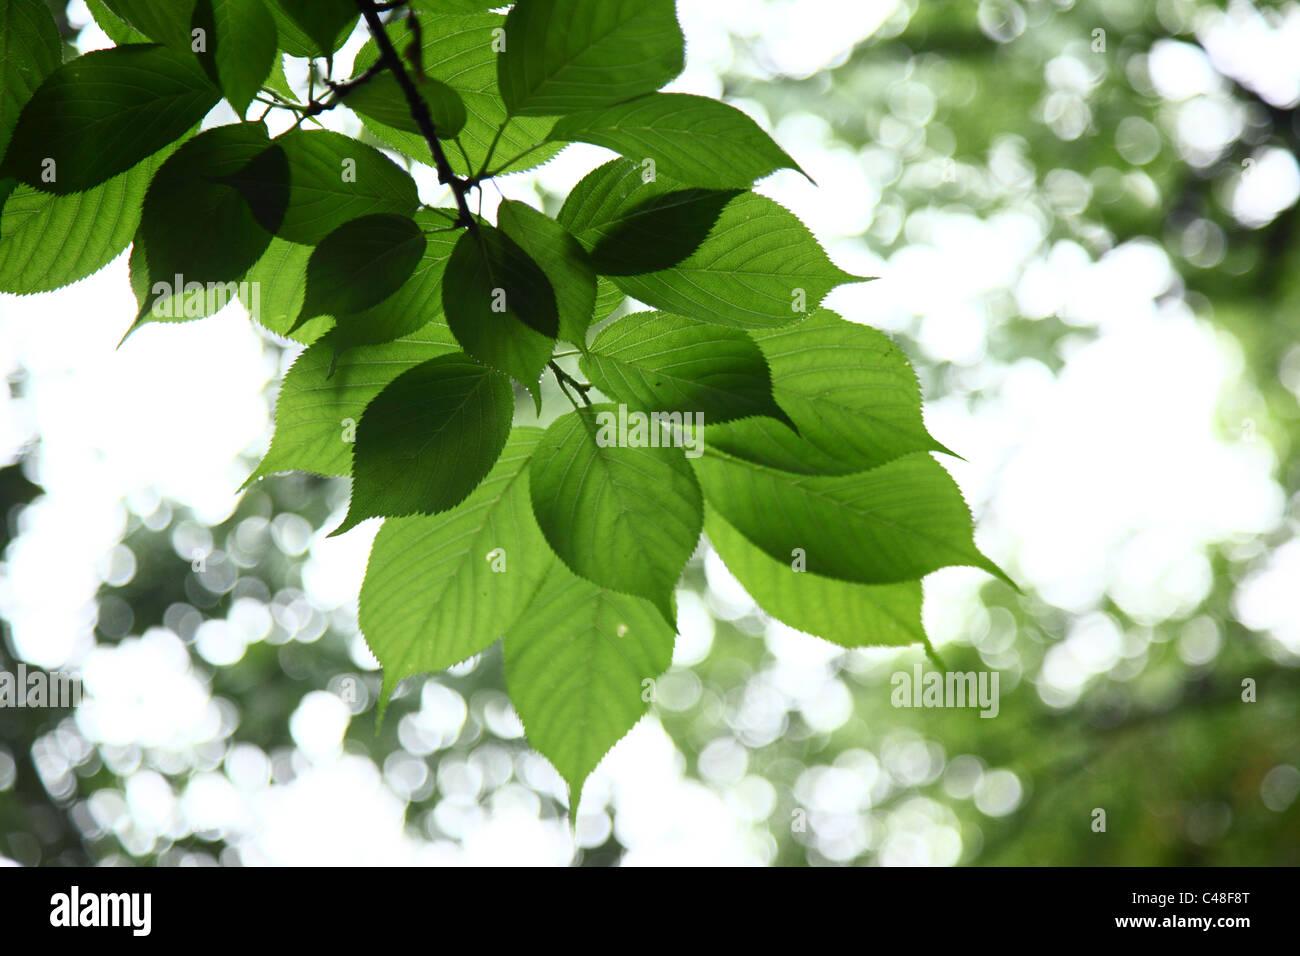 Dettaglio di foglie verdi su albero Immagini Stock